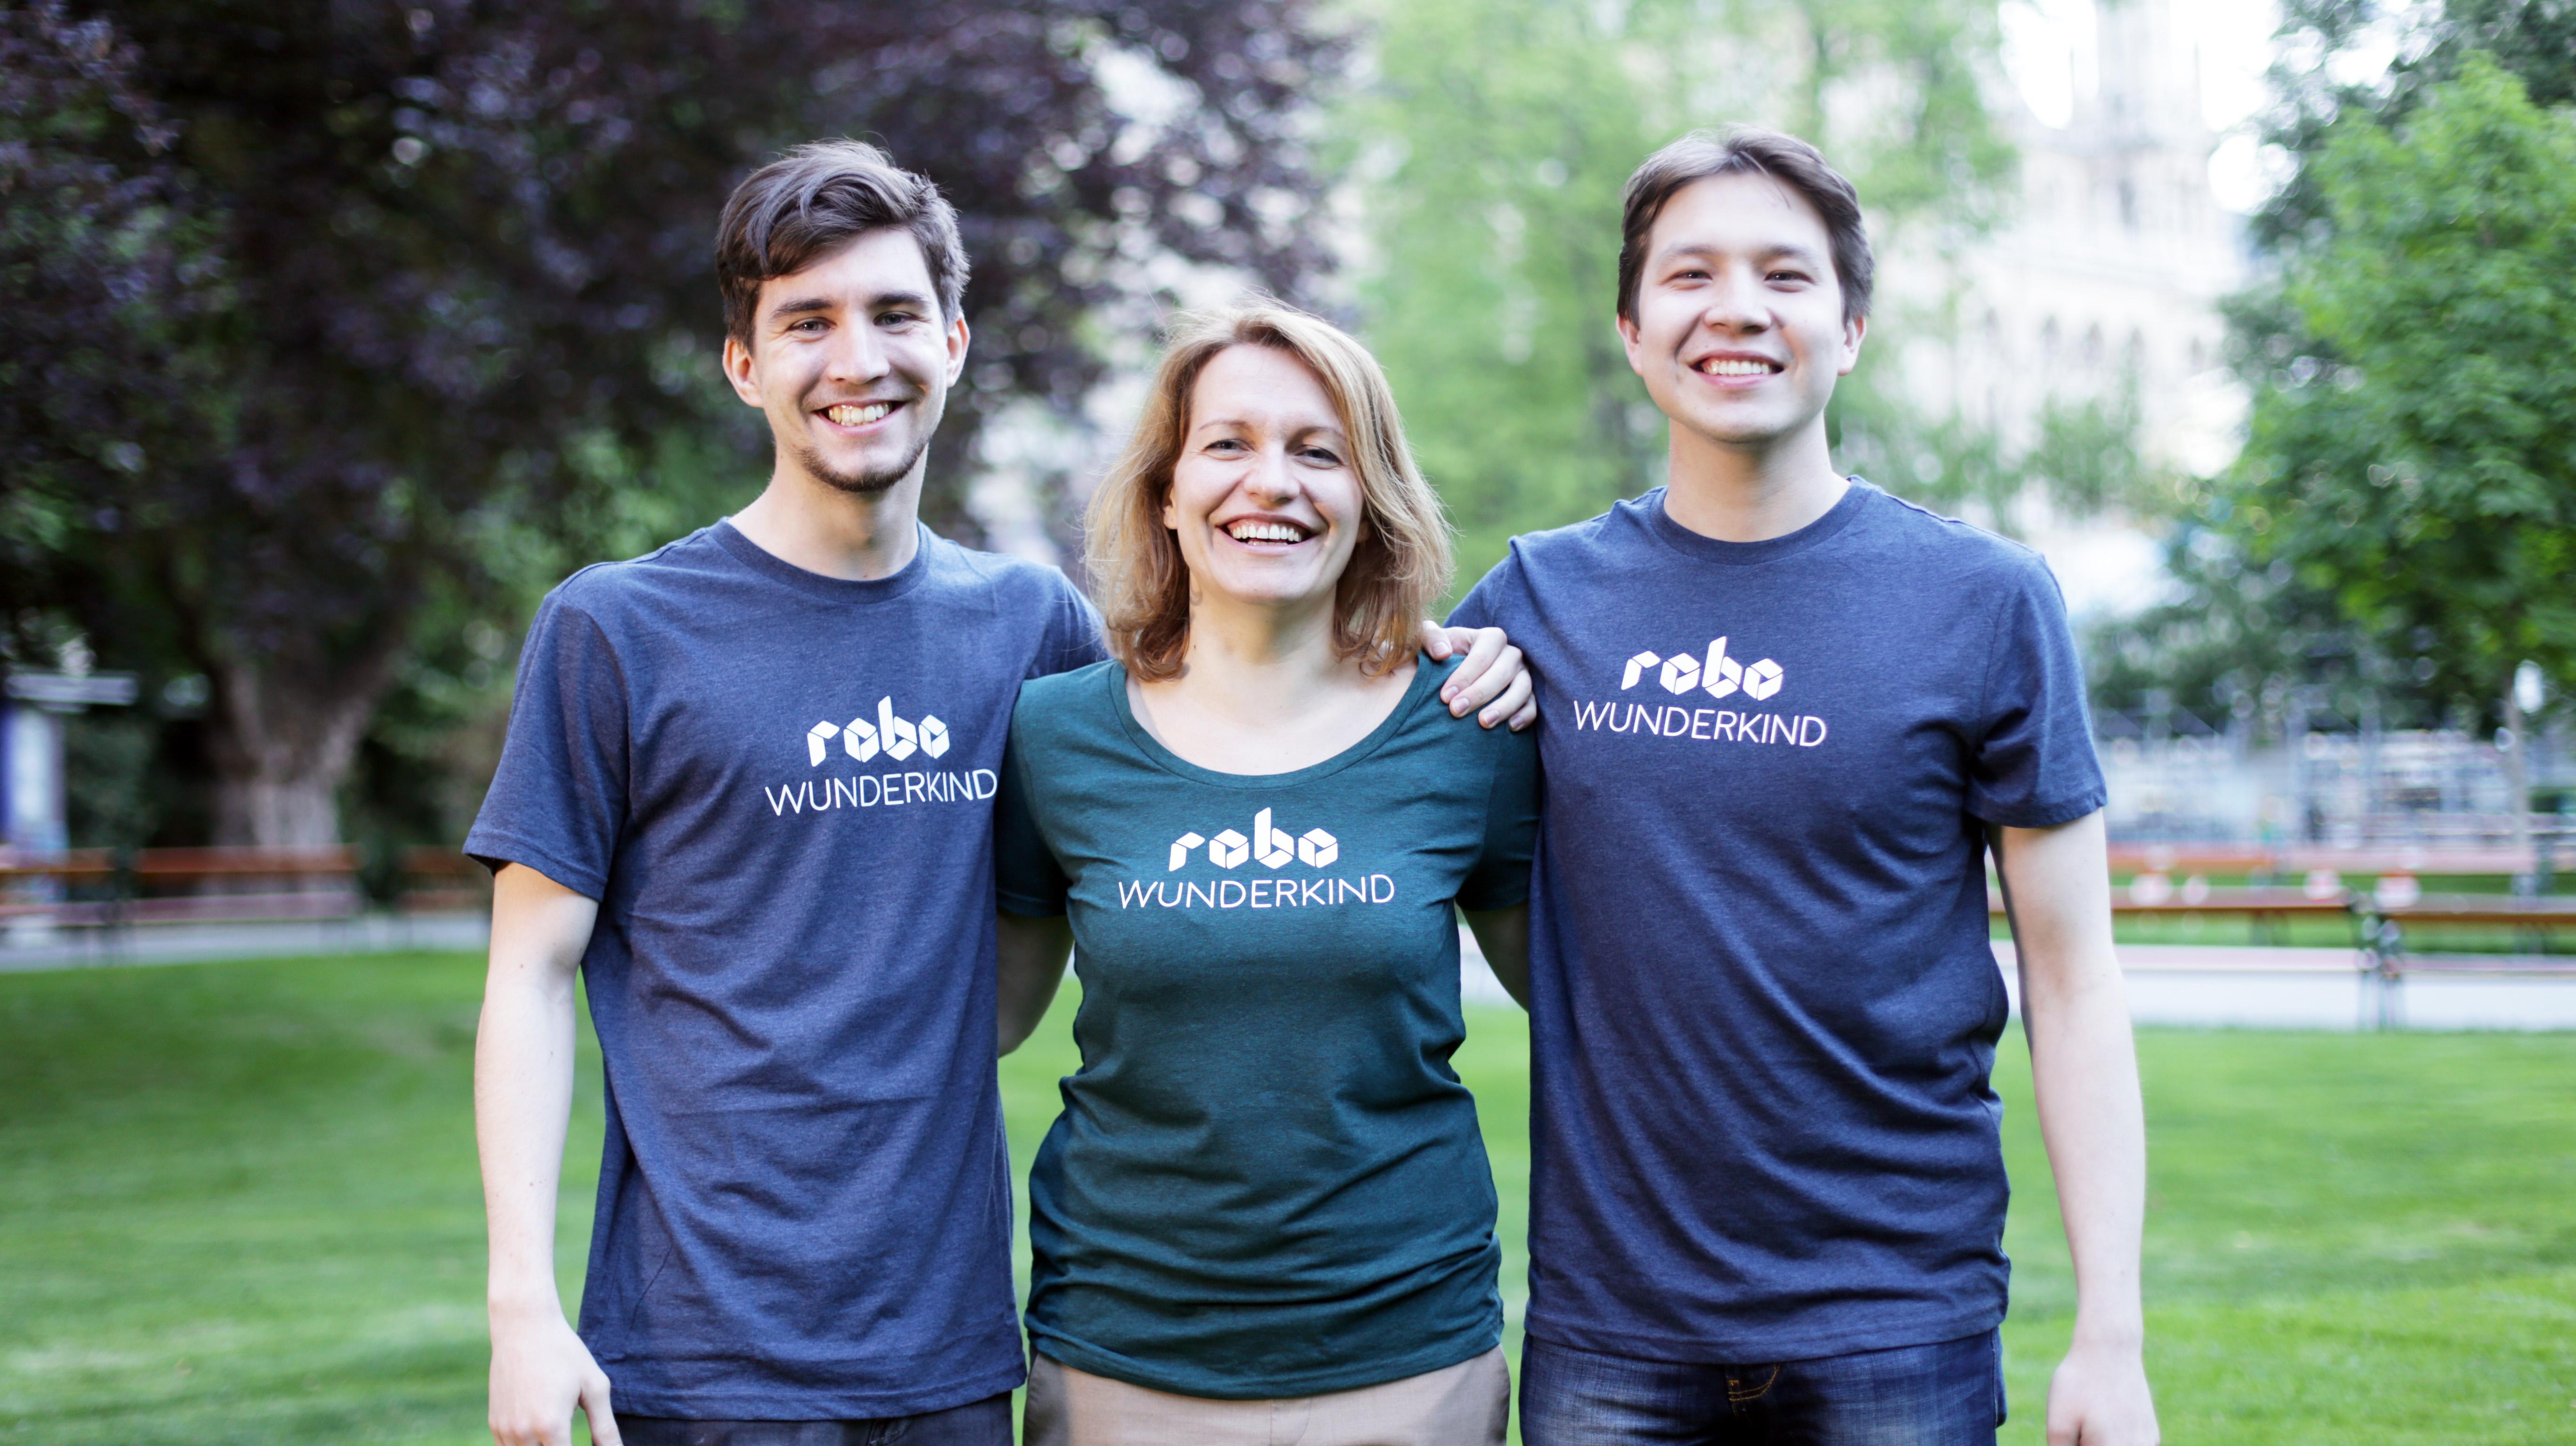 Robo Wunderkind aus Wien sammelt von Crowd über 240.000$ für Spielzeug